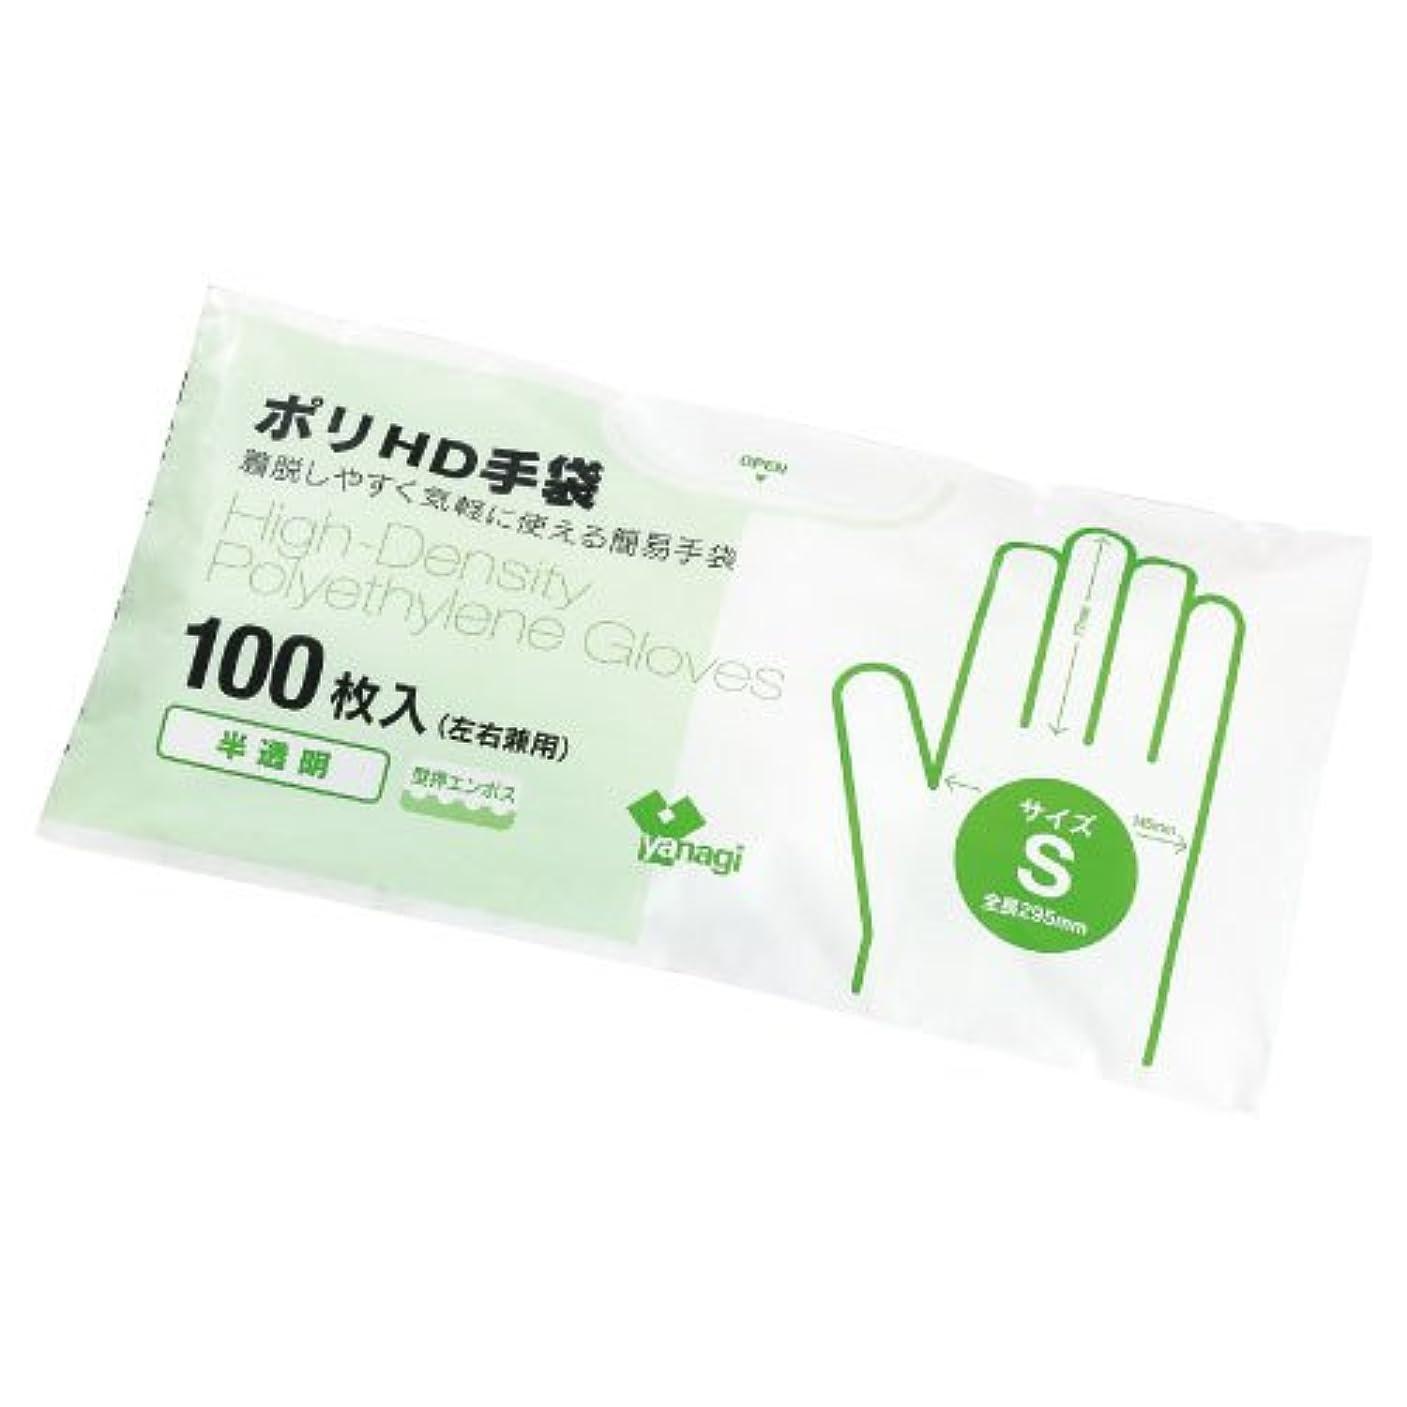 未接続コンパス在庫ポリHD手袋(半透明)型押エンボス TB-204(L)100???? ???HD???????????????(24-2575-02)【やなぎプロダクツ】[120袋単位]